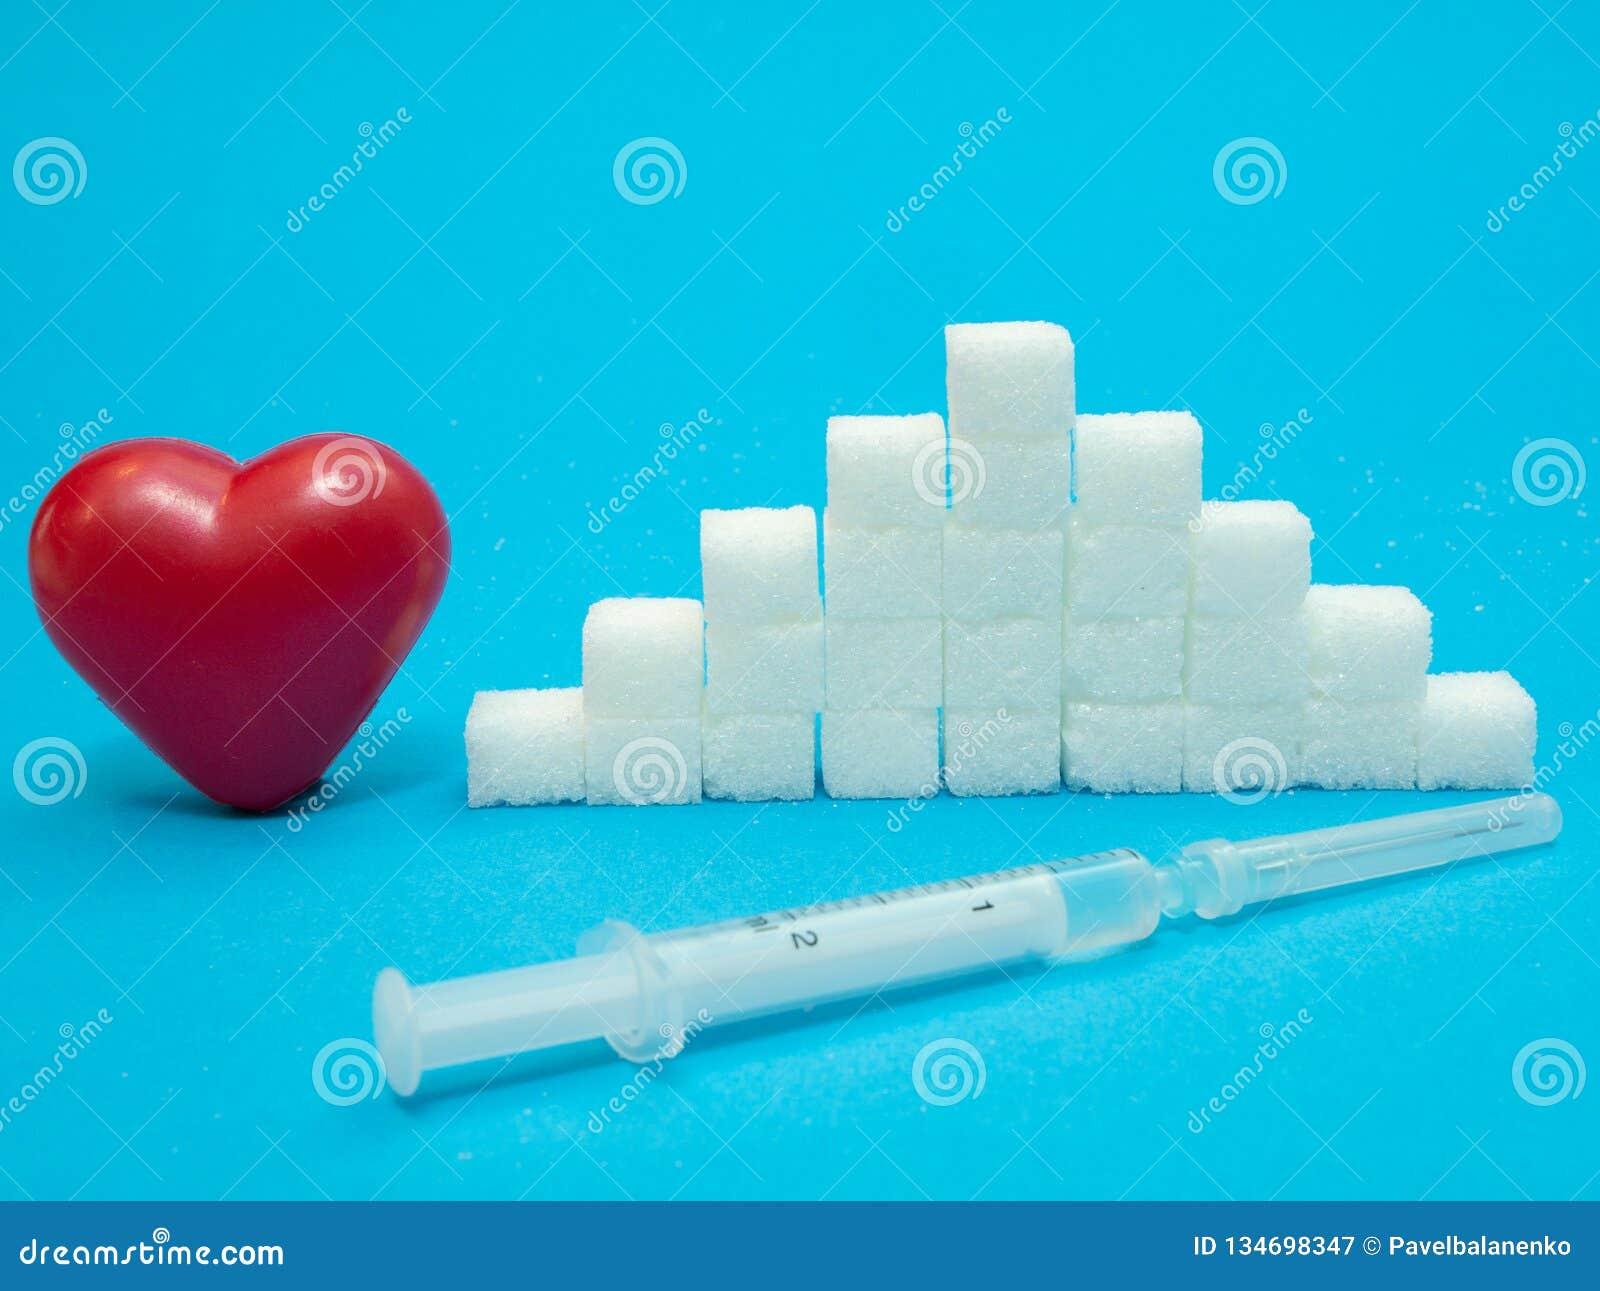 Röd hjärta, hög av kuber för vitt socker, injektionsspruta med insulin